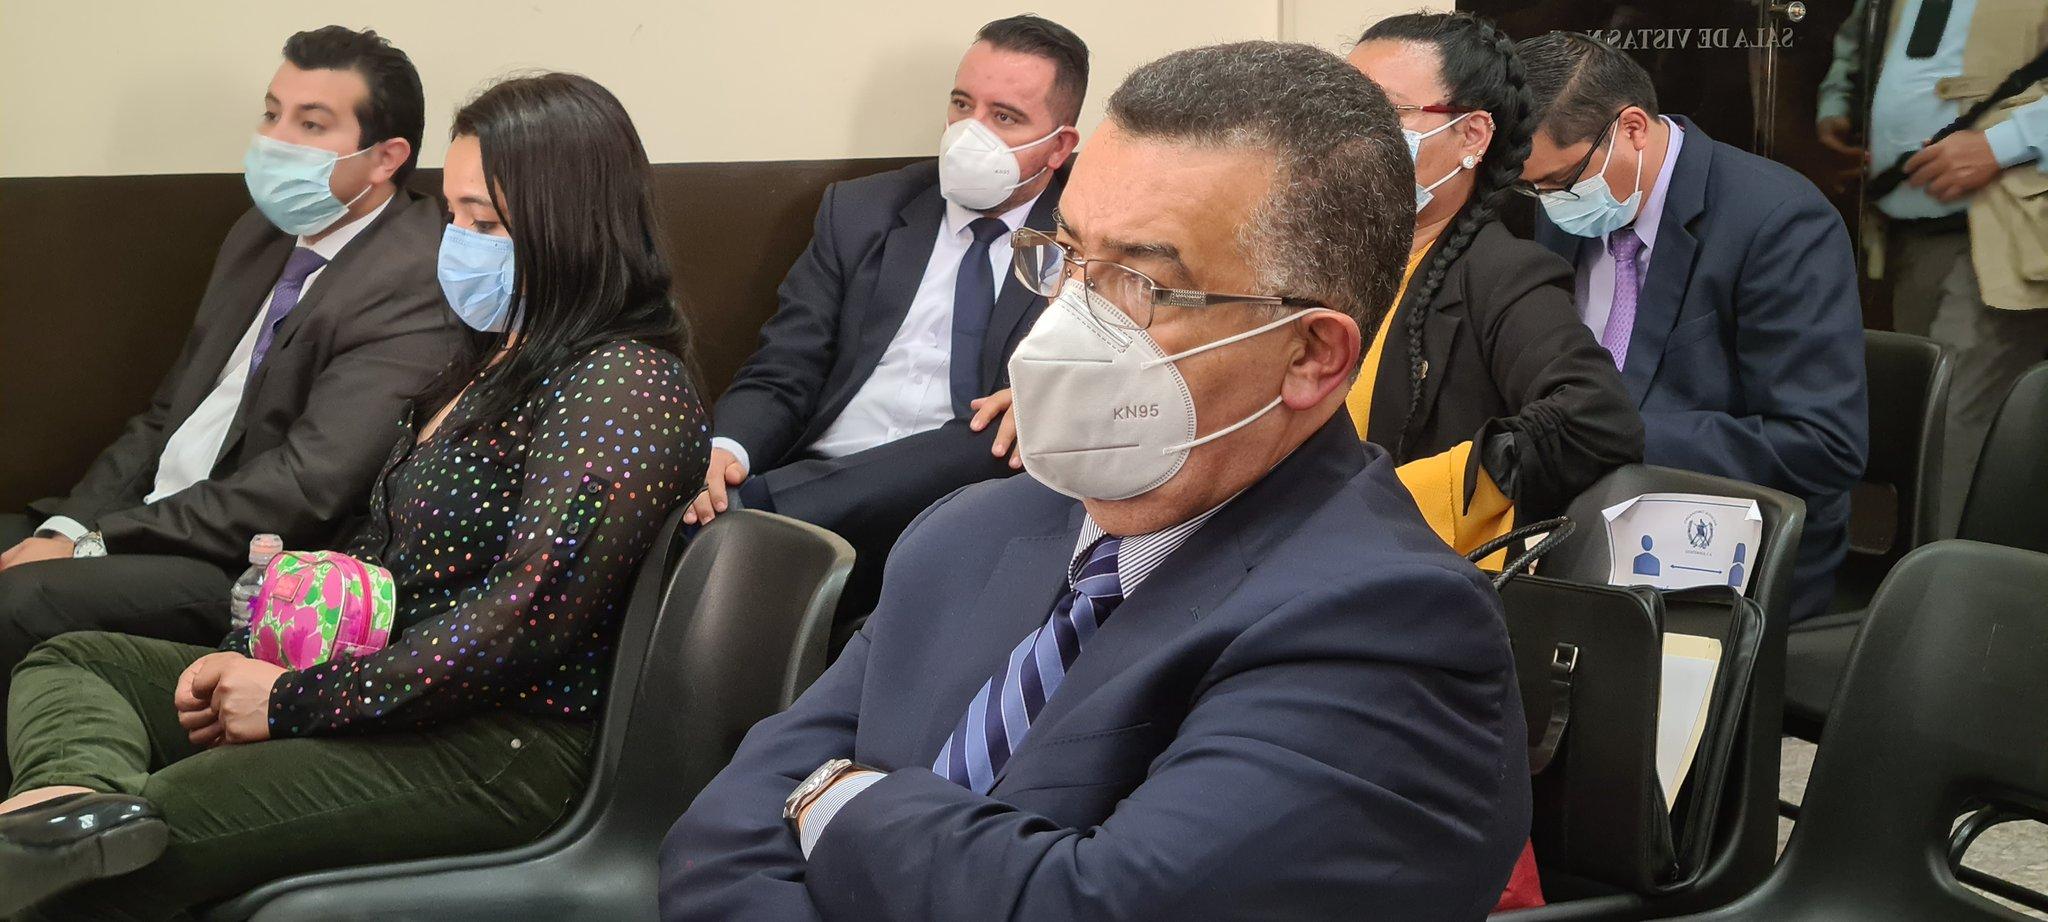 El rector y exrector de la universidad de San Carlos de Guatemala, Murphy Paiz y Estuardo Gálvez, quedaron en prisión preventiva por el caso Comisiones Paralelas; además de ellos también el expresidente del Colegio de Abogados, Luis Ruiz, y los abogados Juan Salvador Soto y Olga Alfaro.